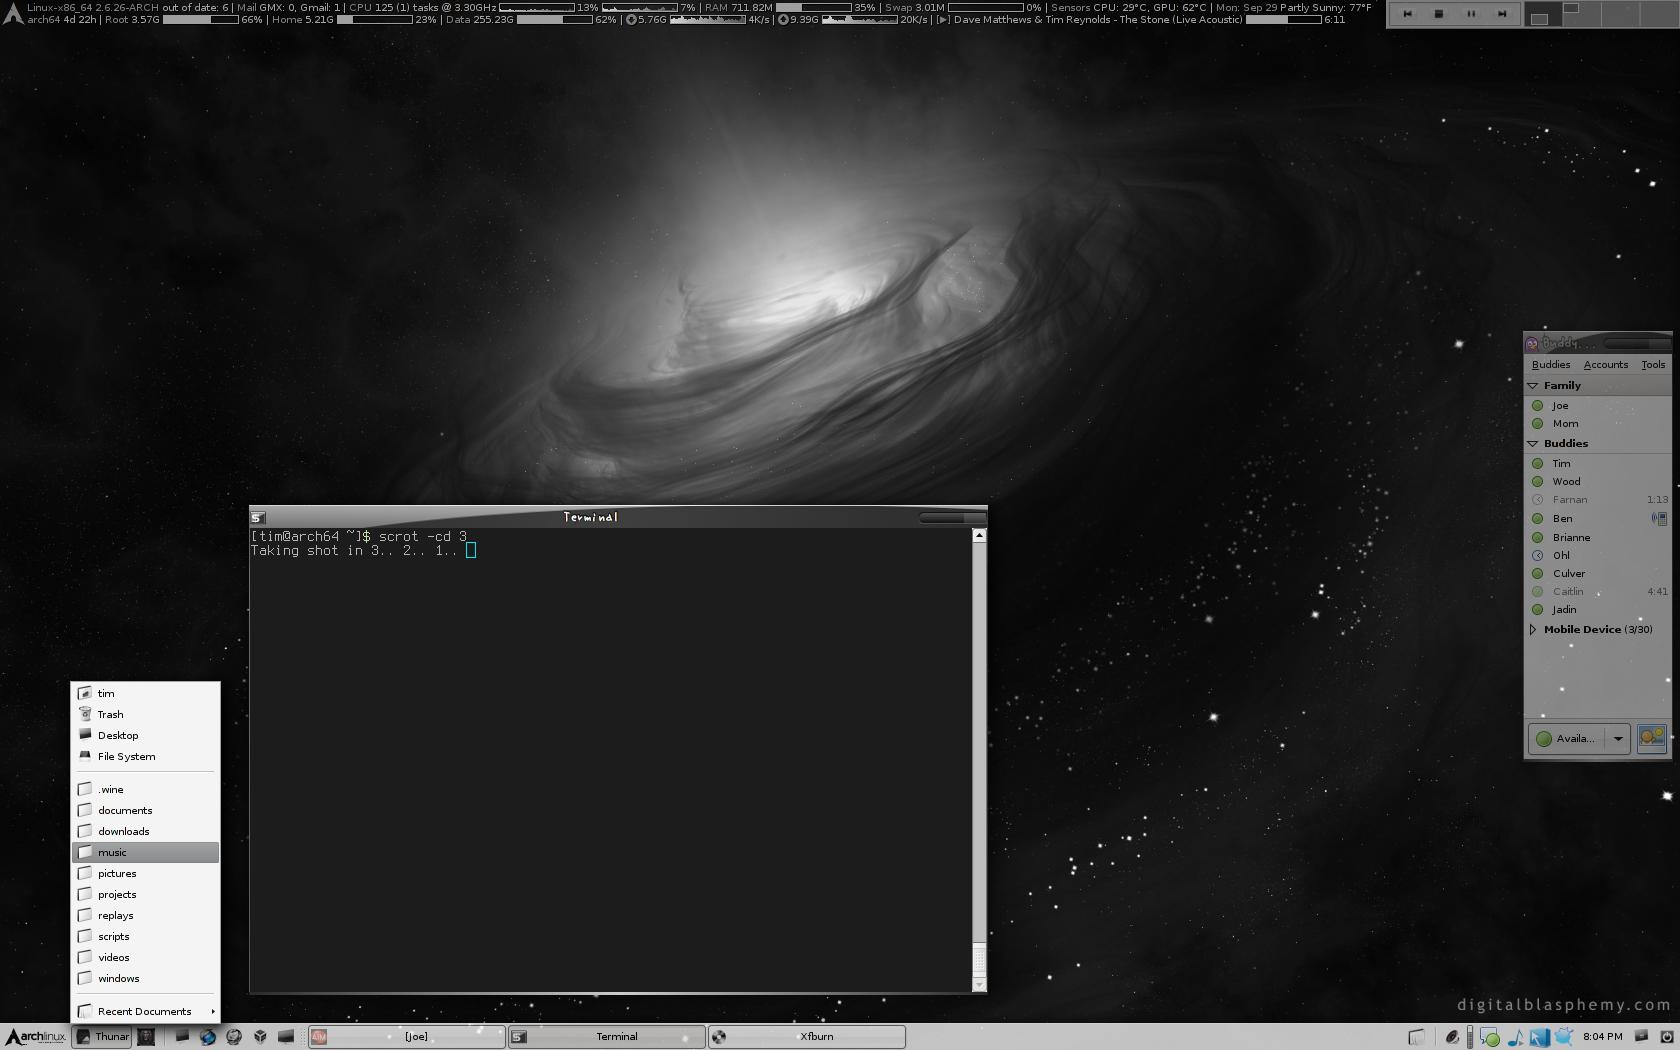 [2008] Xfce 4.6, Athlon 64 X2 PC